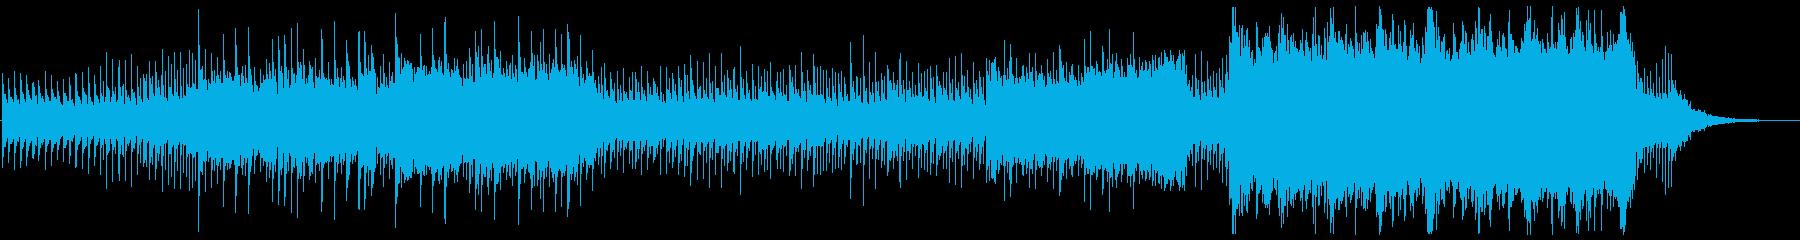 緊張感をあおるドキュメンタリー音楽の再生済みの波形